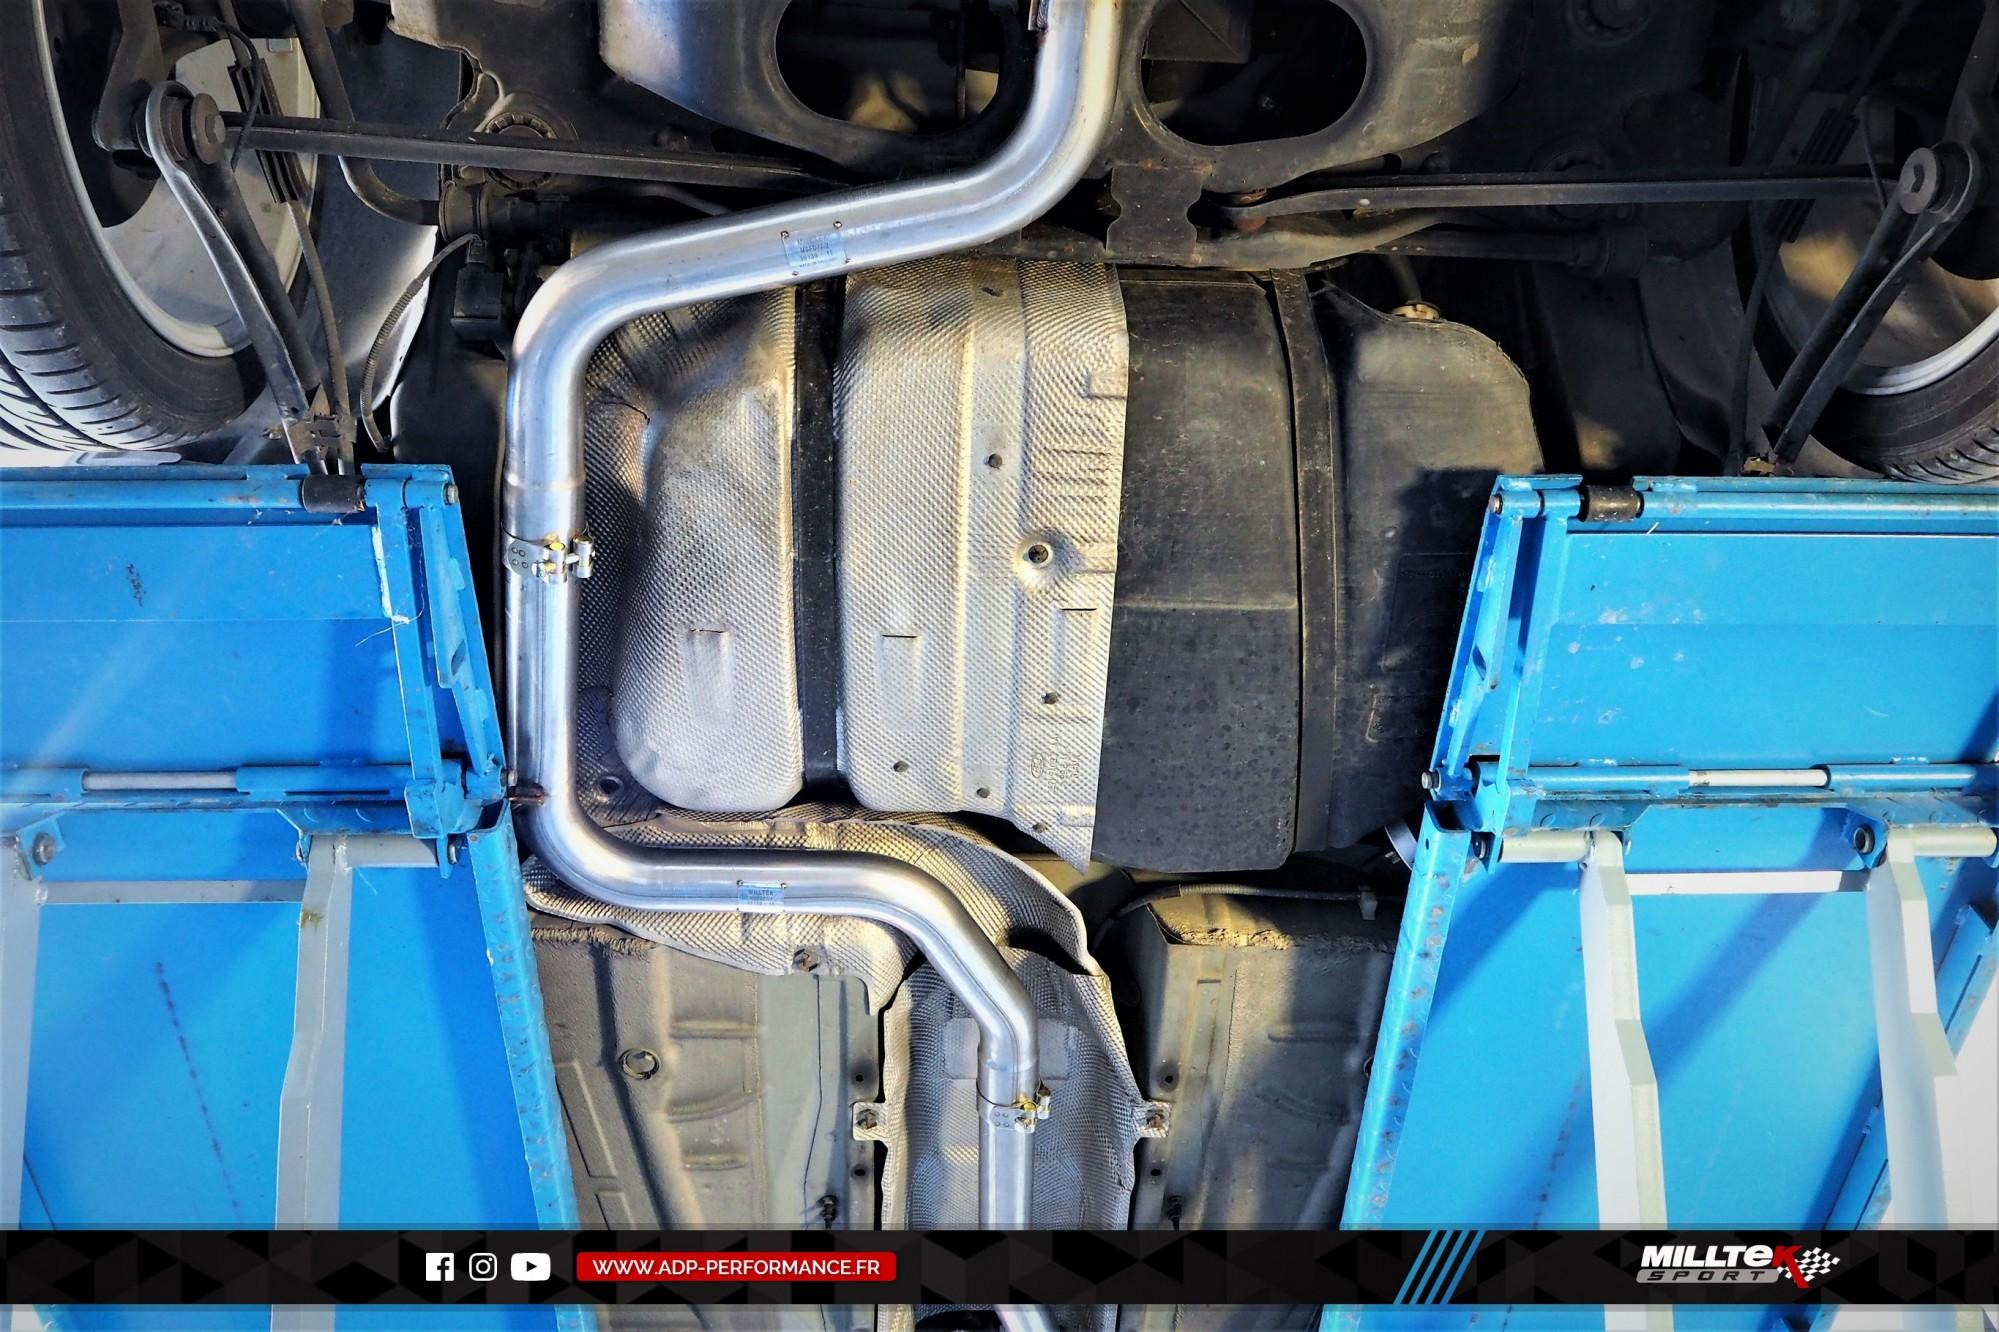 Ligne d'échappement (cat-back) Milltek Nimes - Ford Mondeo ST220 - ADP Performance